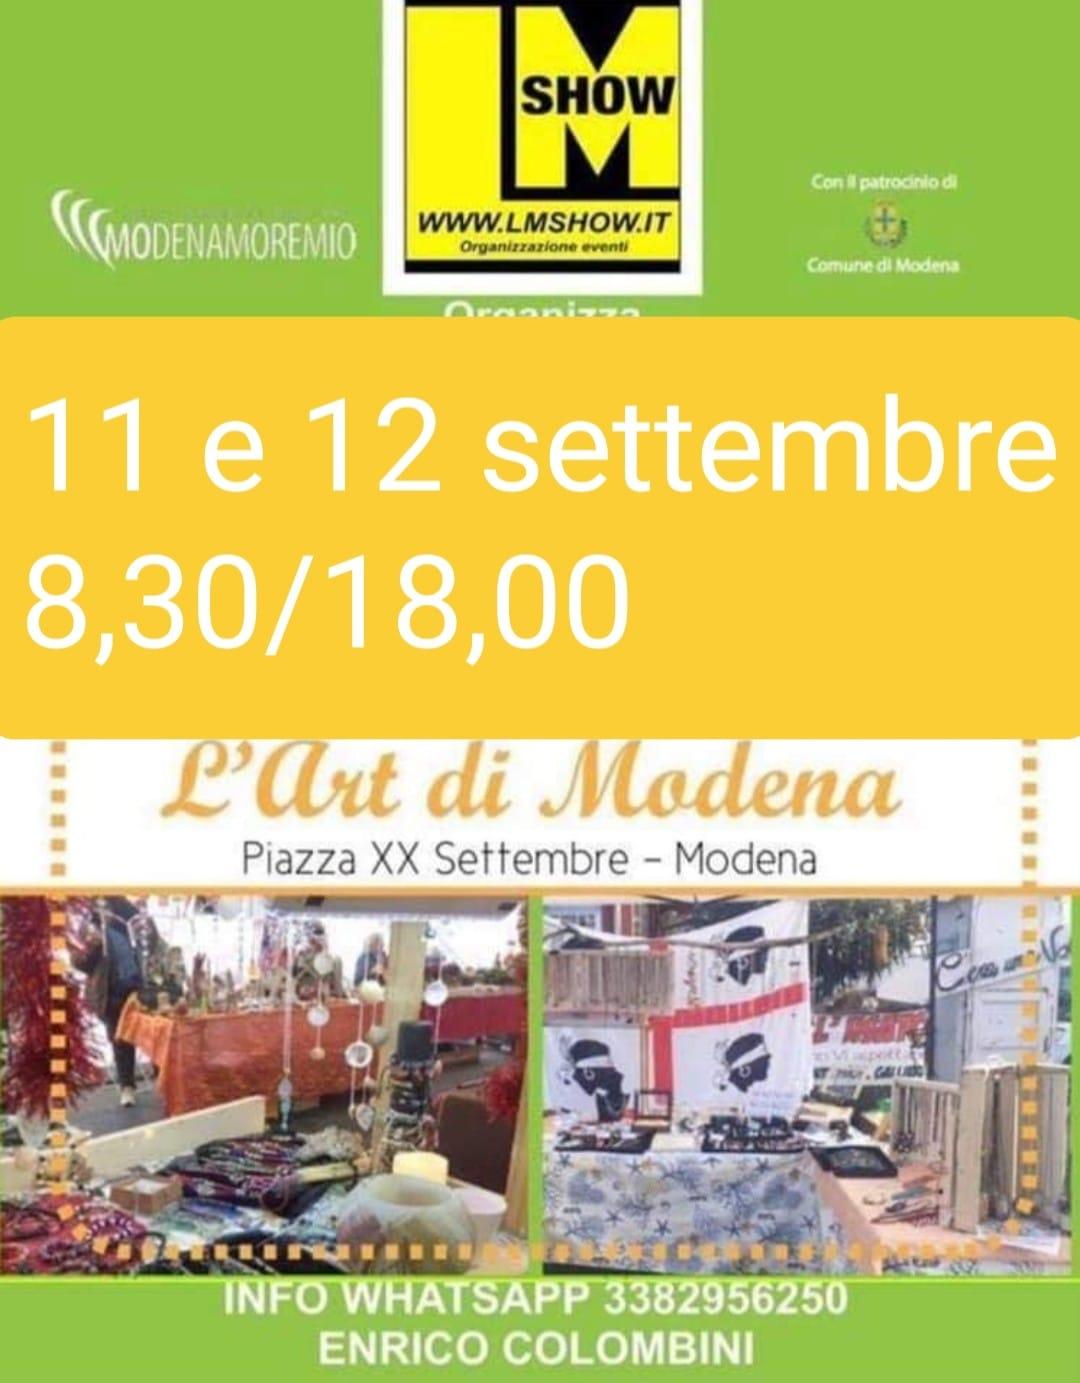 MODENA: L'Art di Modena 2021